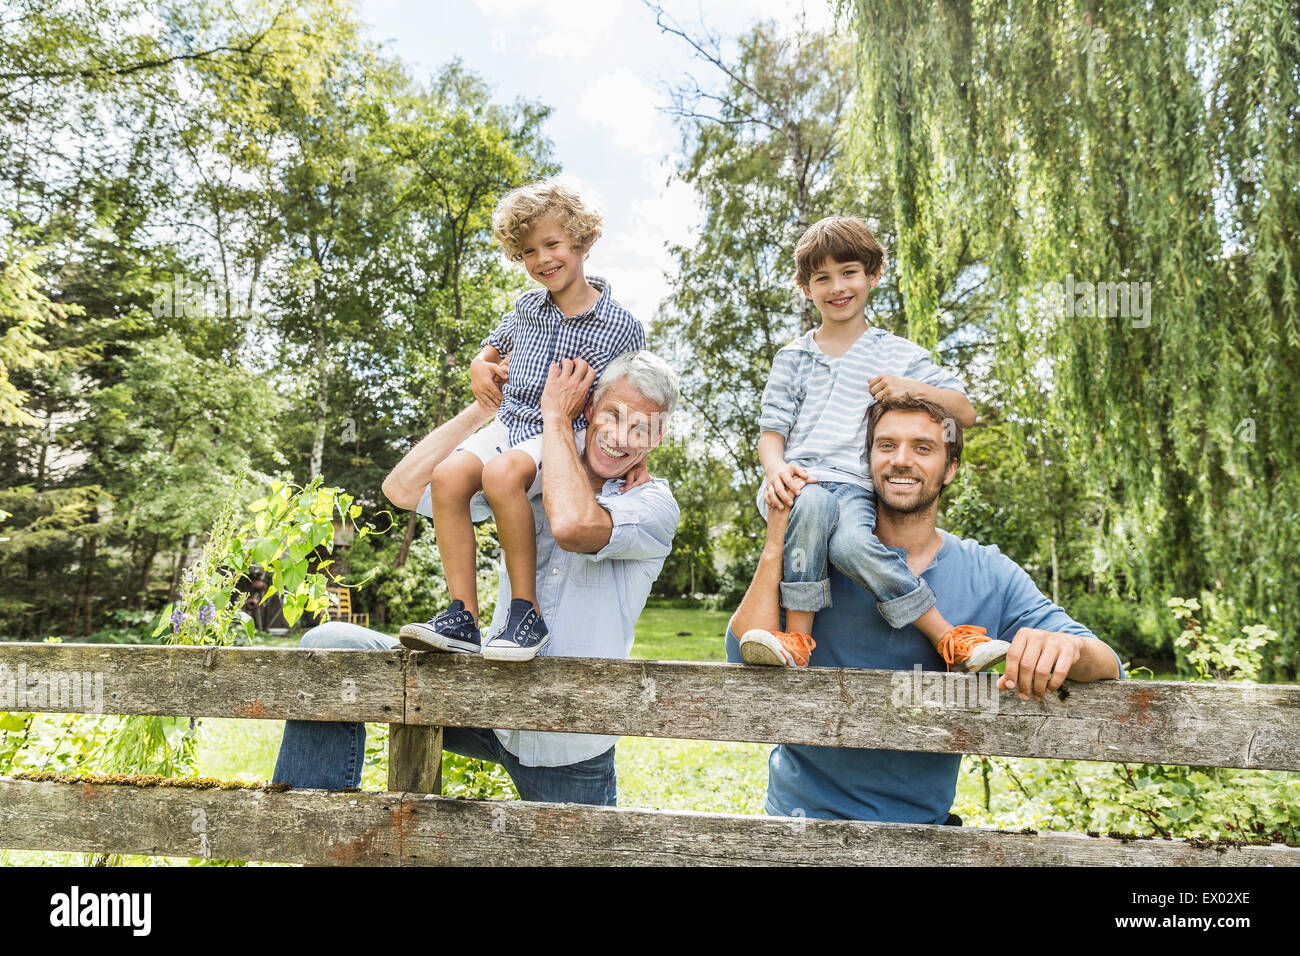 Retrato de tres hombres de la familia de generación en el jardín Imagen De Stock